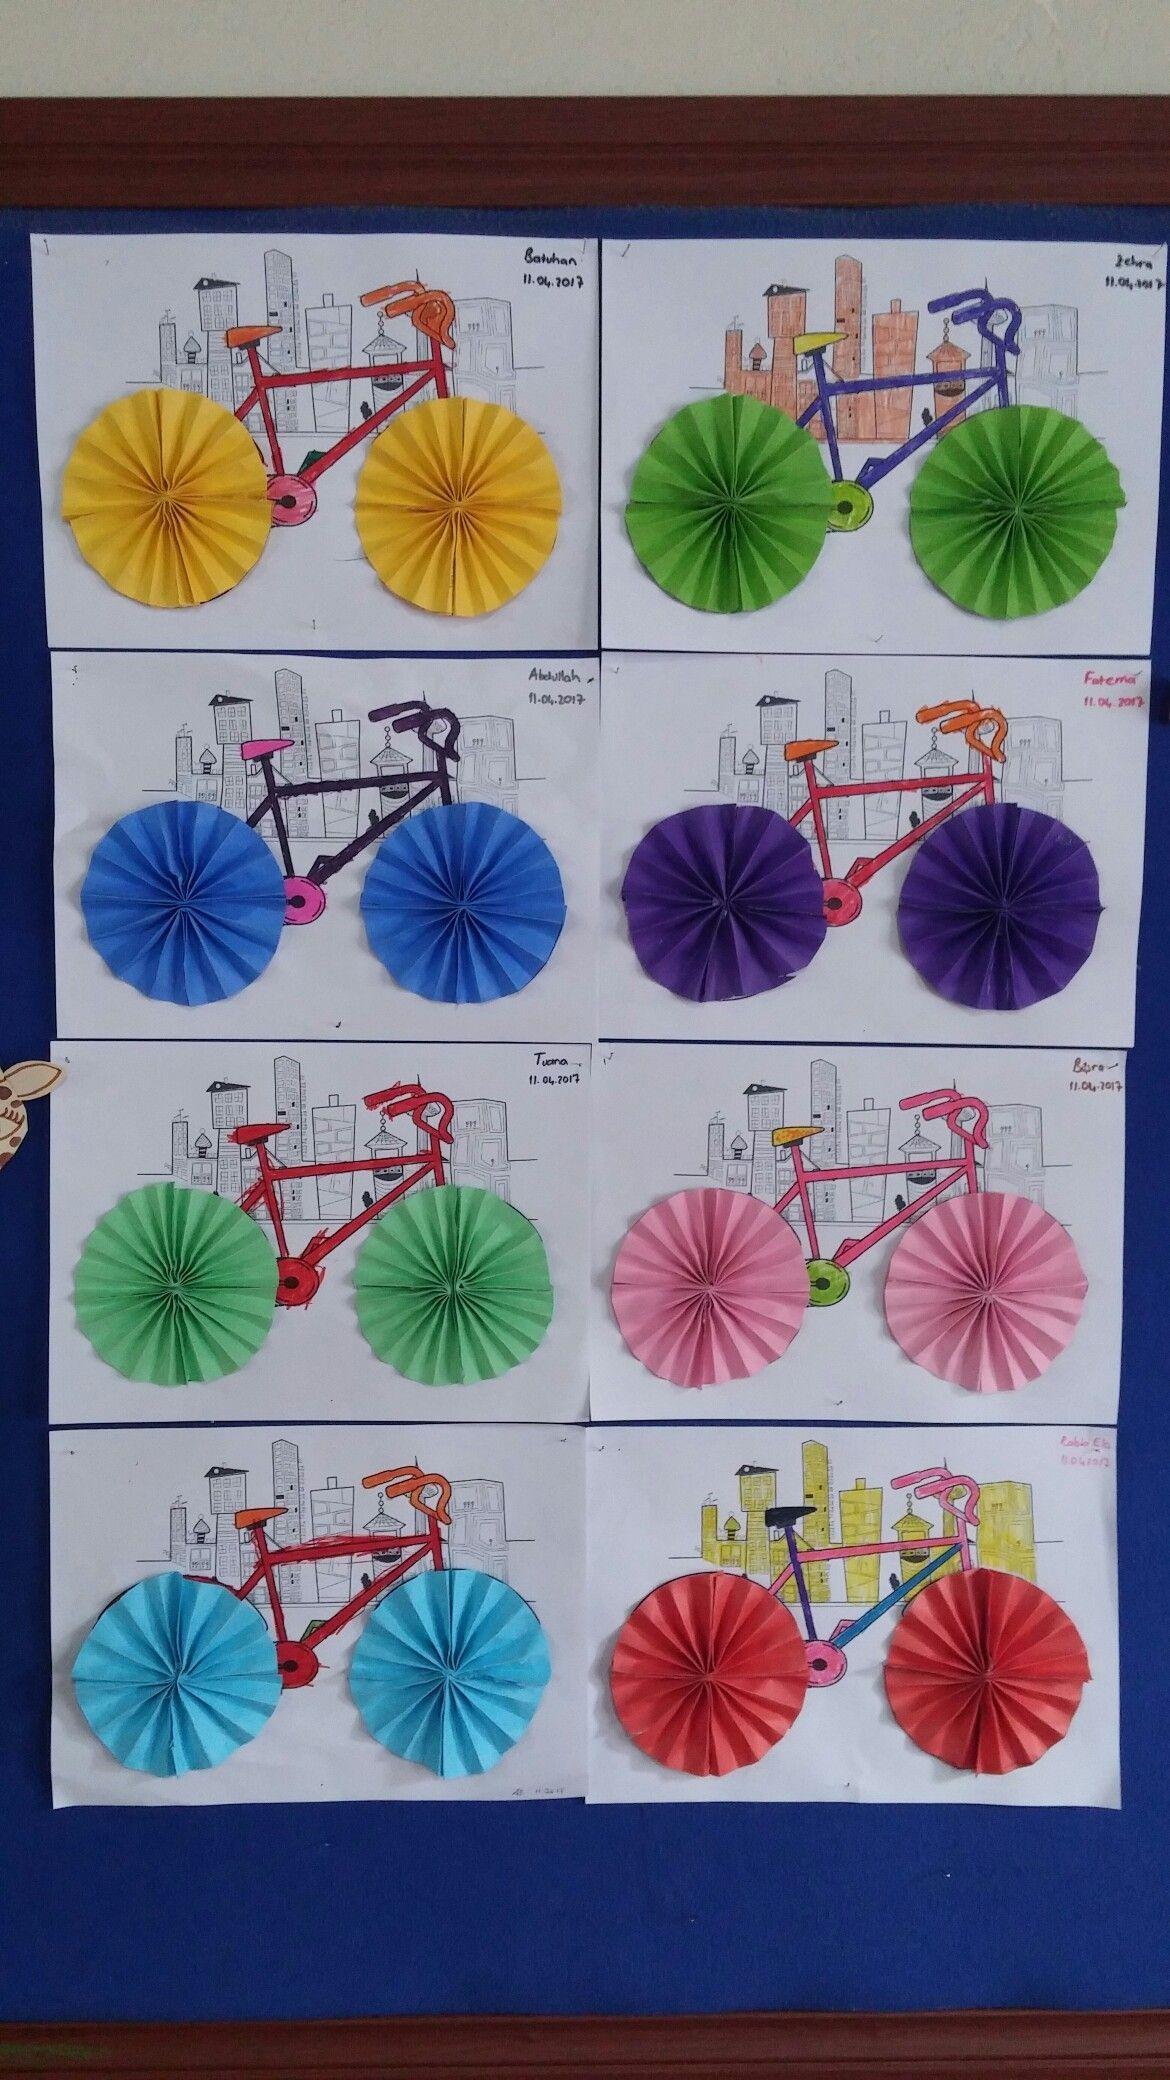 Велосипед . Делаем с малышами. Развиваем моторику.